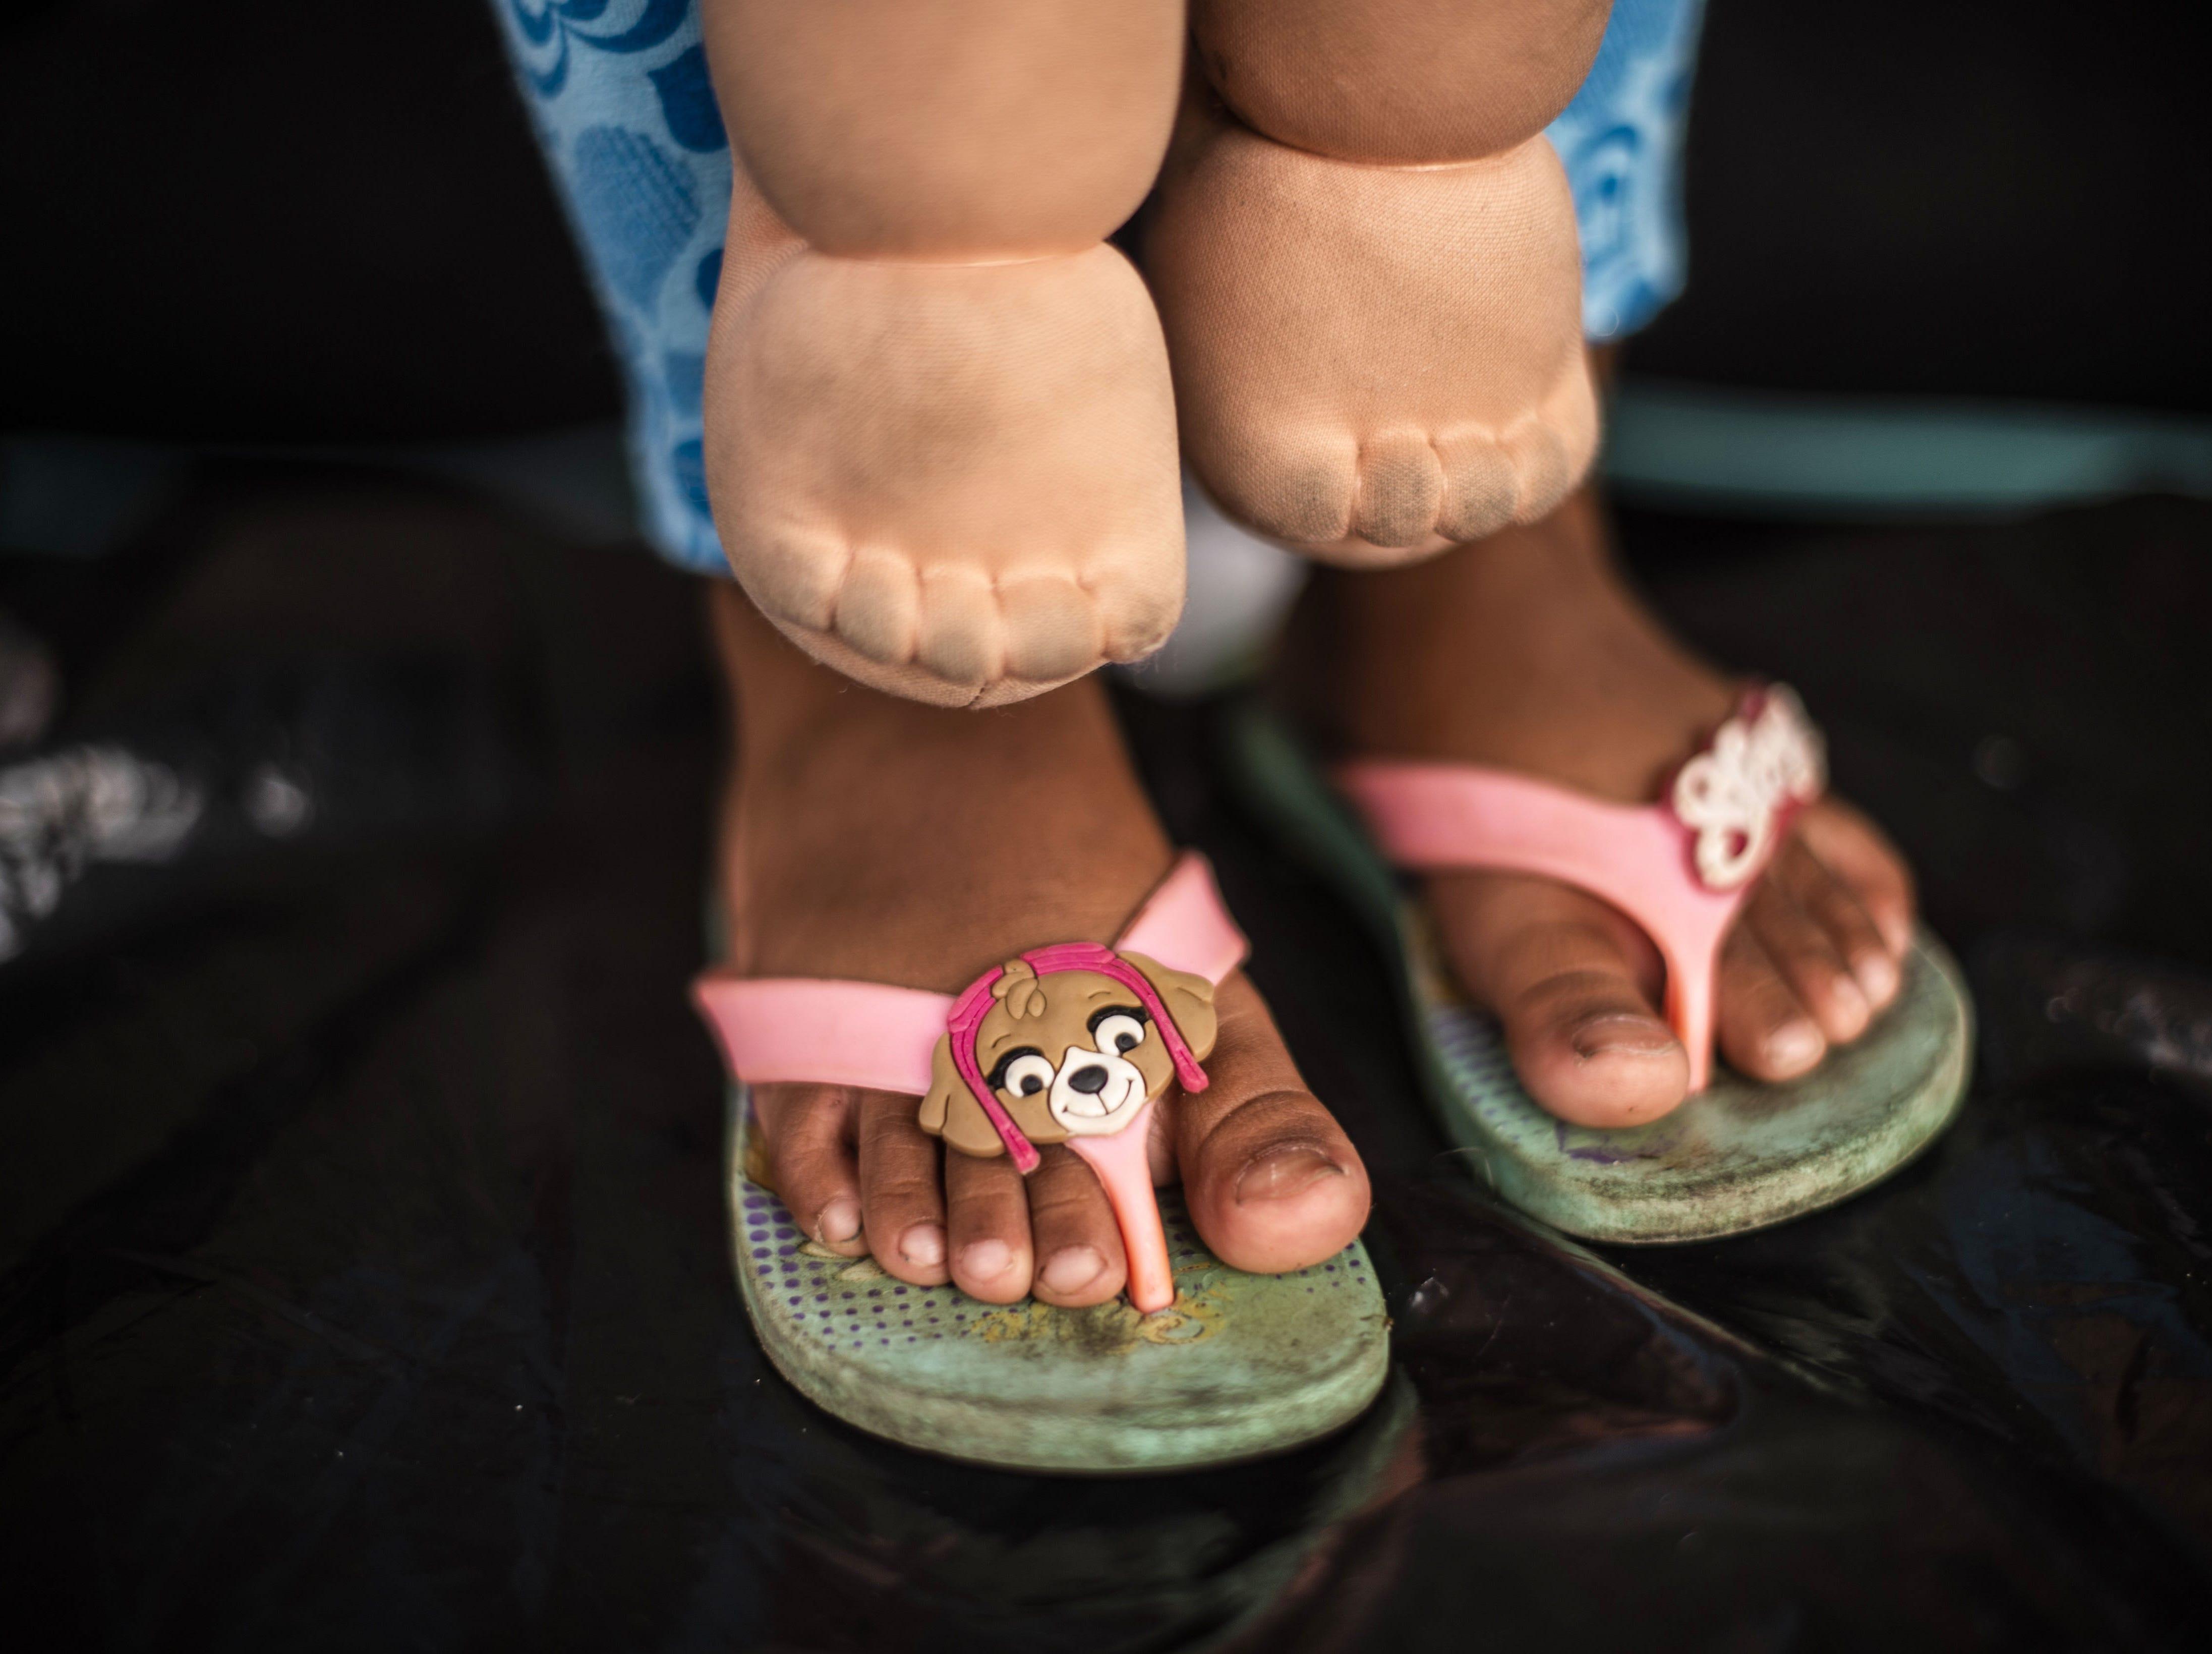 La niña Genesis Samari camina en la caravana con estas gastadas sandalias. Estos son los rostros de los migrantes centroamericanos que huyen de la pobreza y violencia que se vive en sus países; y que por medio de una caravana caminan cientos de kilómetros cruzando ciudades, ríos, carreteras, bosques y fronteras, con el firme propósito de hacer realidad su sueño de llegar a los Estados Unidos.